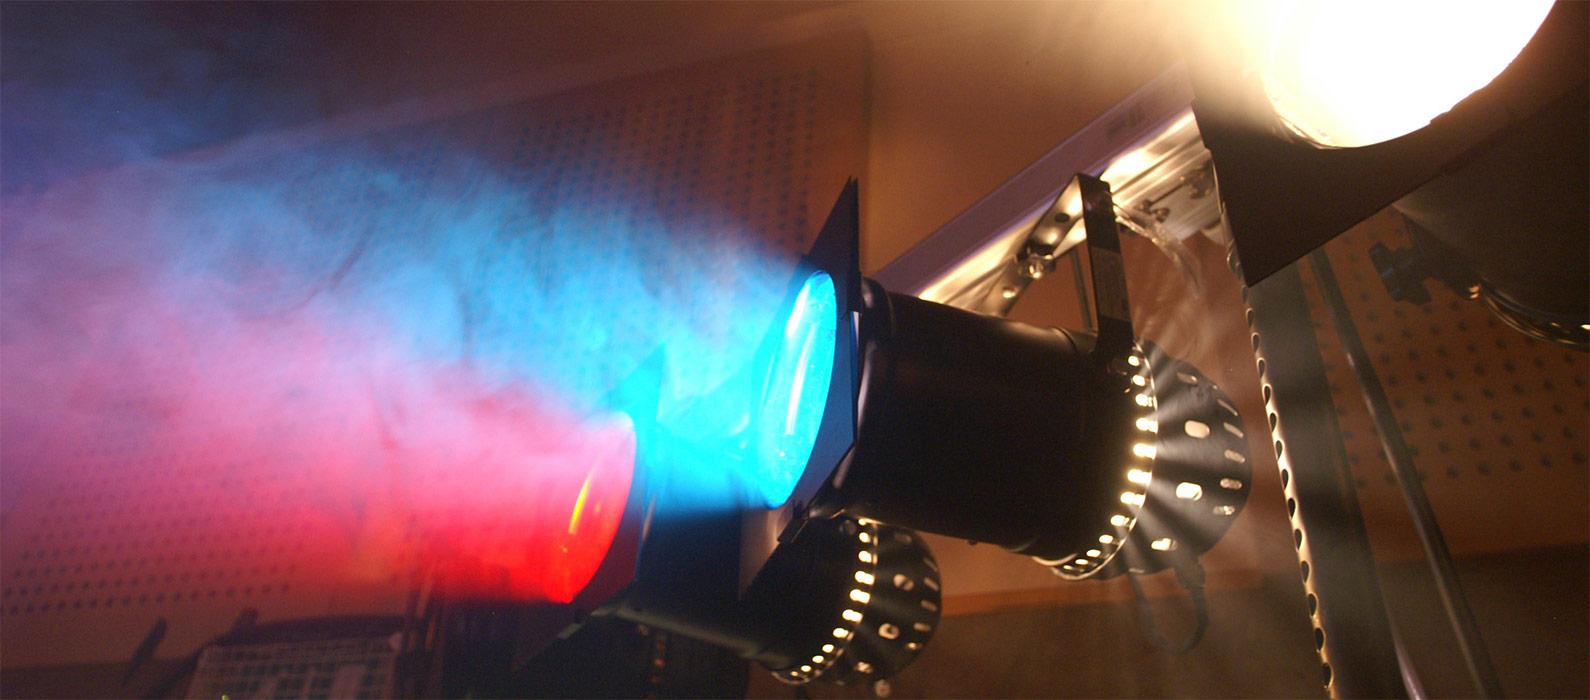 Zwei schwarze Bühnenscheinwerferaus seitlicher Perspektive, die auf einer Stange hängen und schräg nach links oben in einen Nebel leuchten. Der rechte, der eher im Vordergrund ist, leuchtet blau. Der zweite dahinter leuchtet rot.